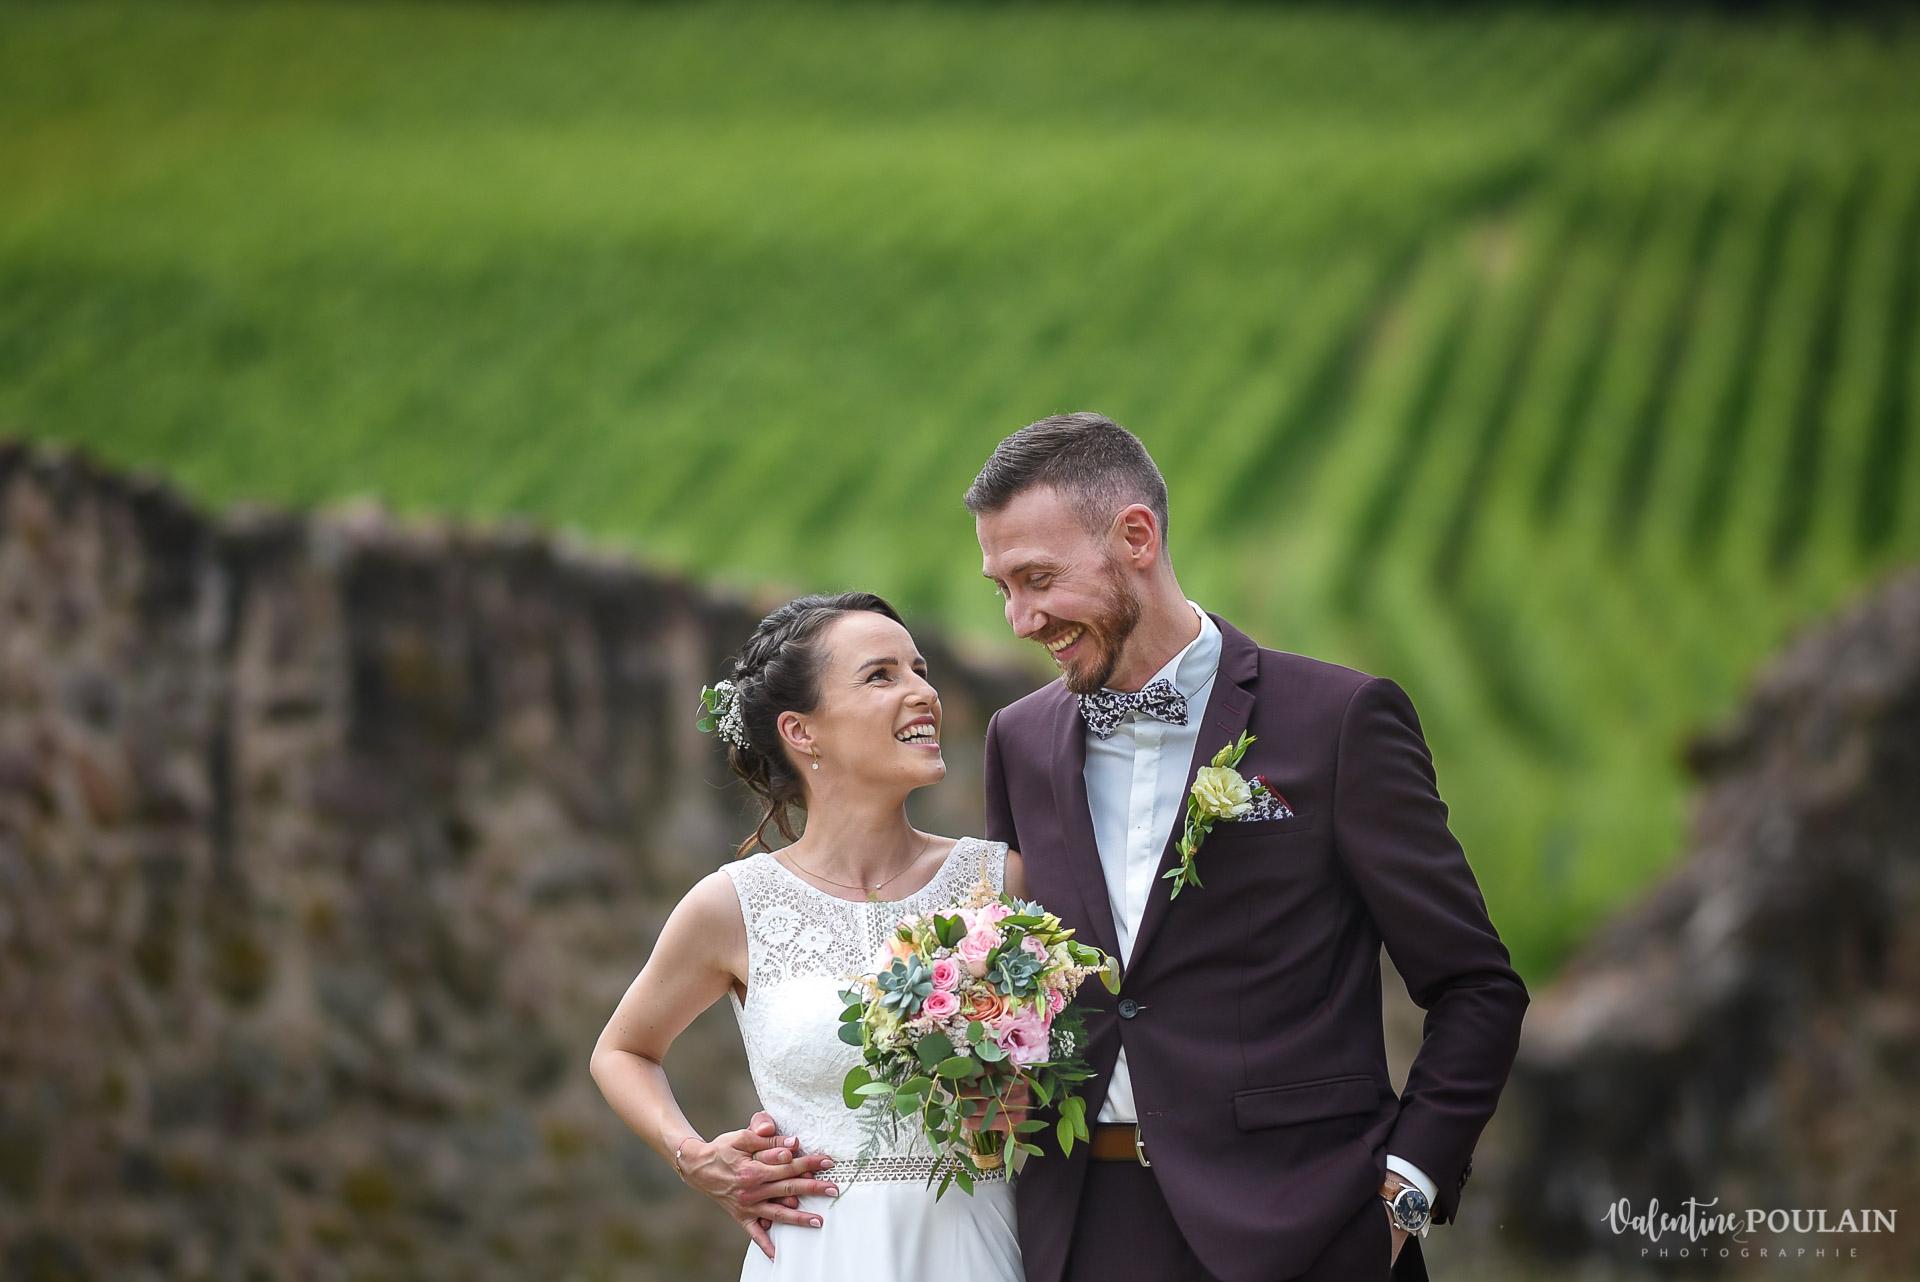 Mariage Domaine viticole Achillée - Valentine Poulain vignes